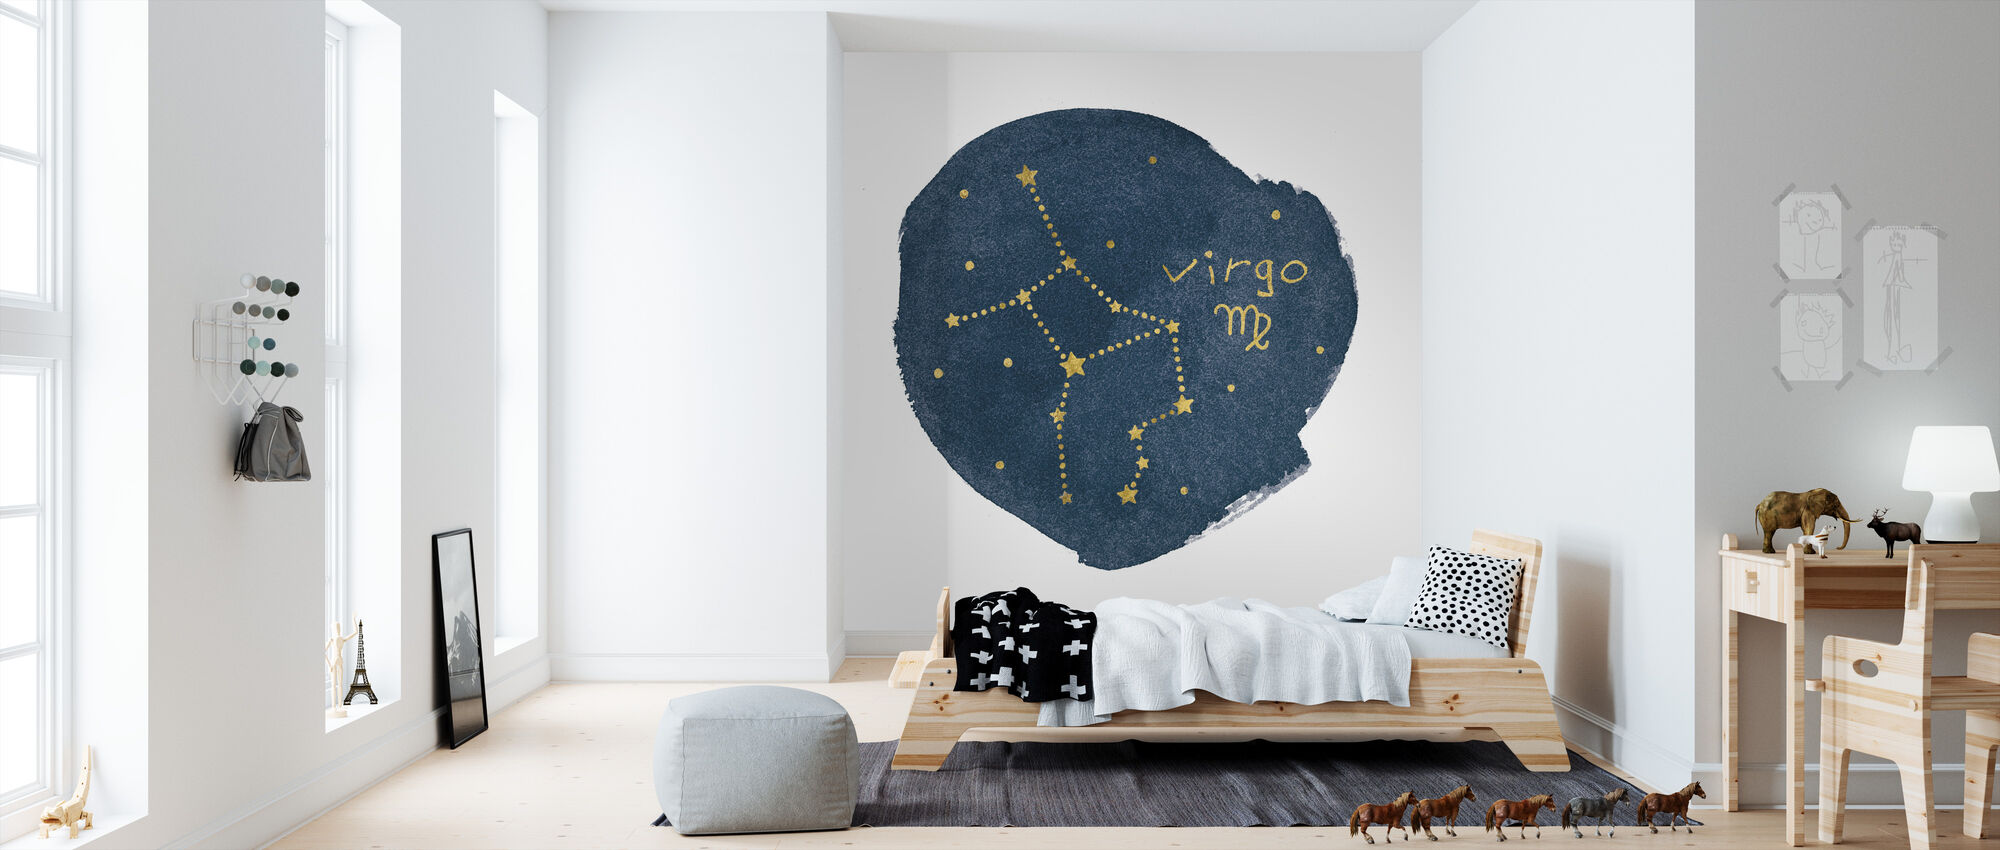 Horoscope Virgo - Wallpaper - Kids Room